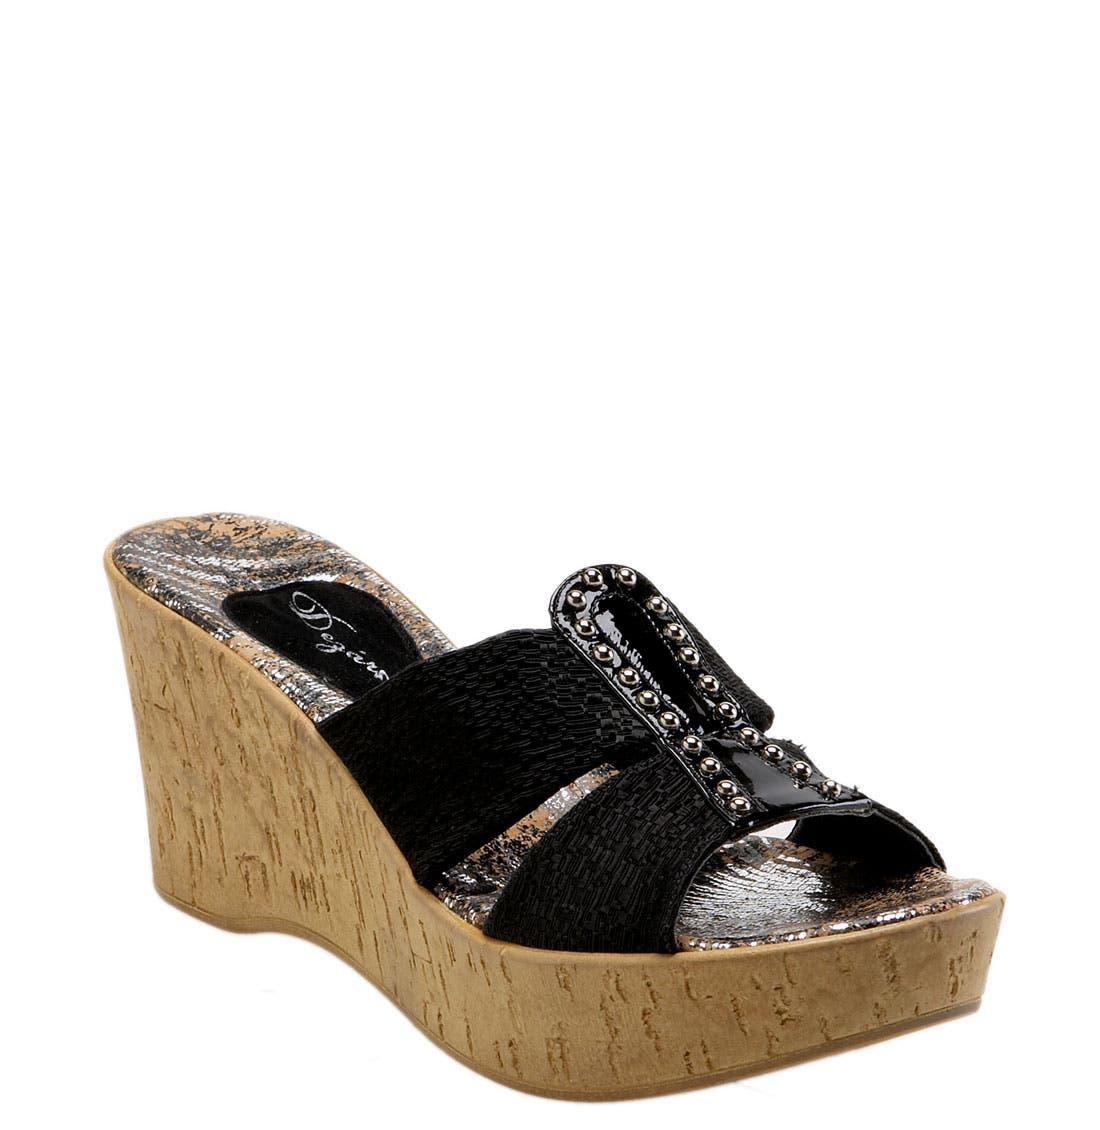 Main Image - Dezario 'Nanor' Wedge Sandal